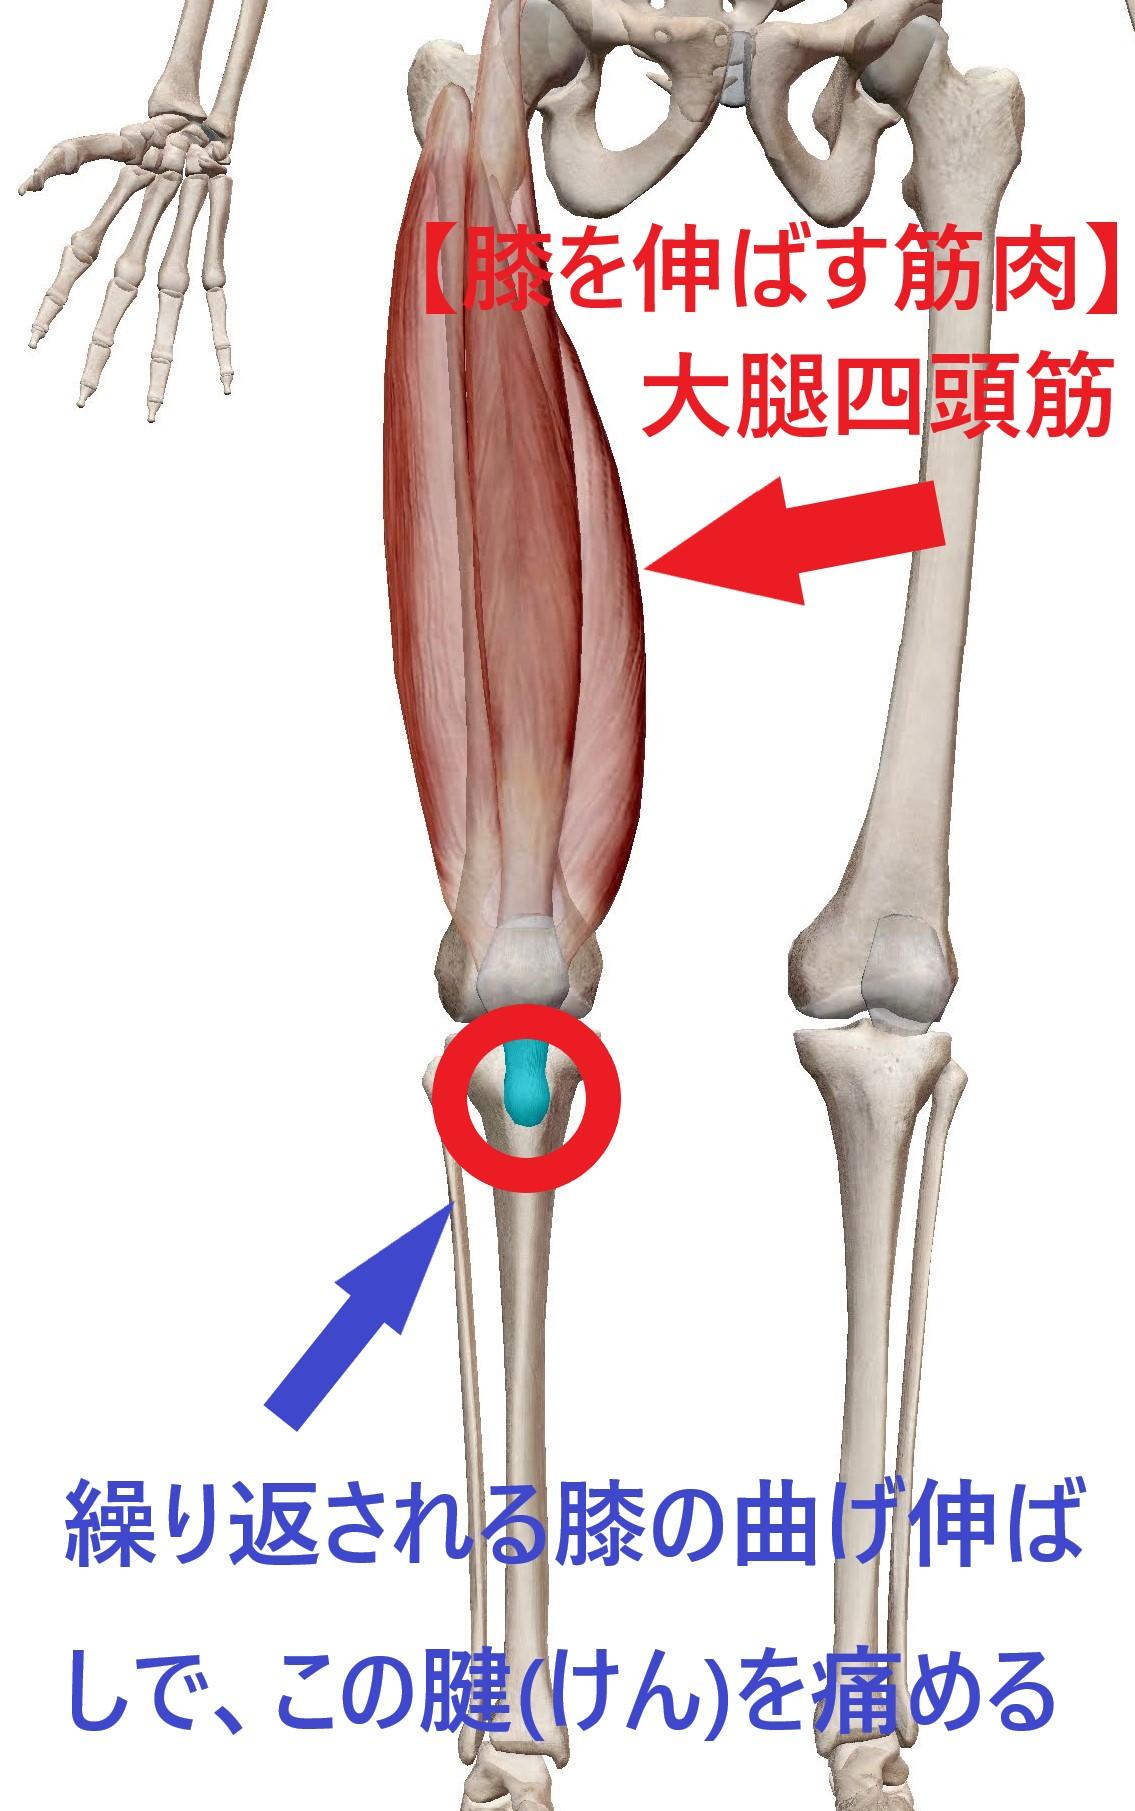 膝蓋腱の場所